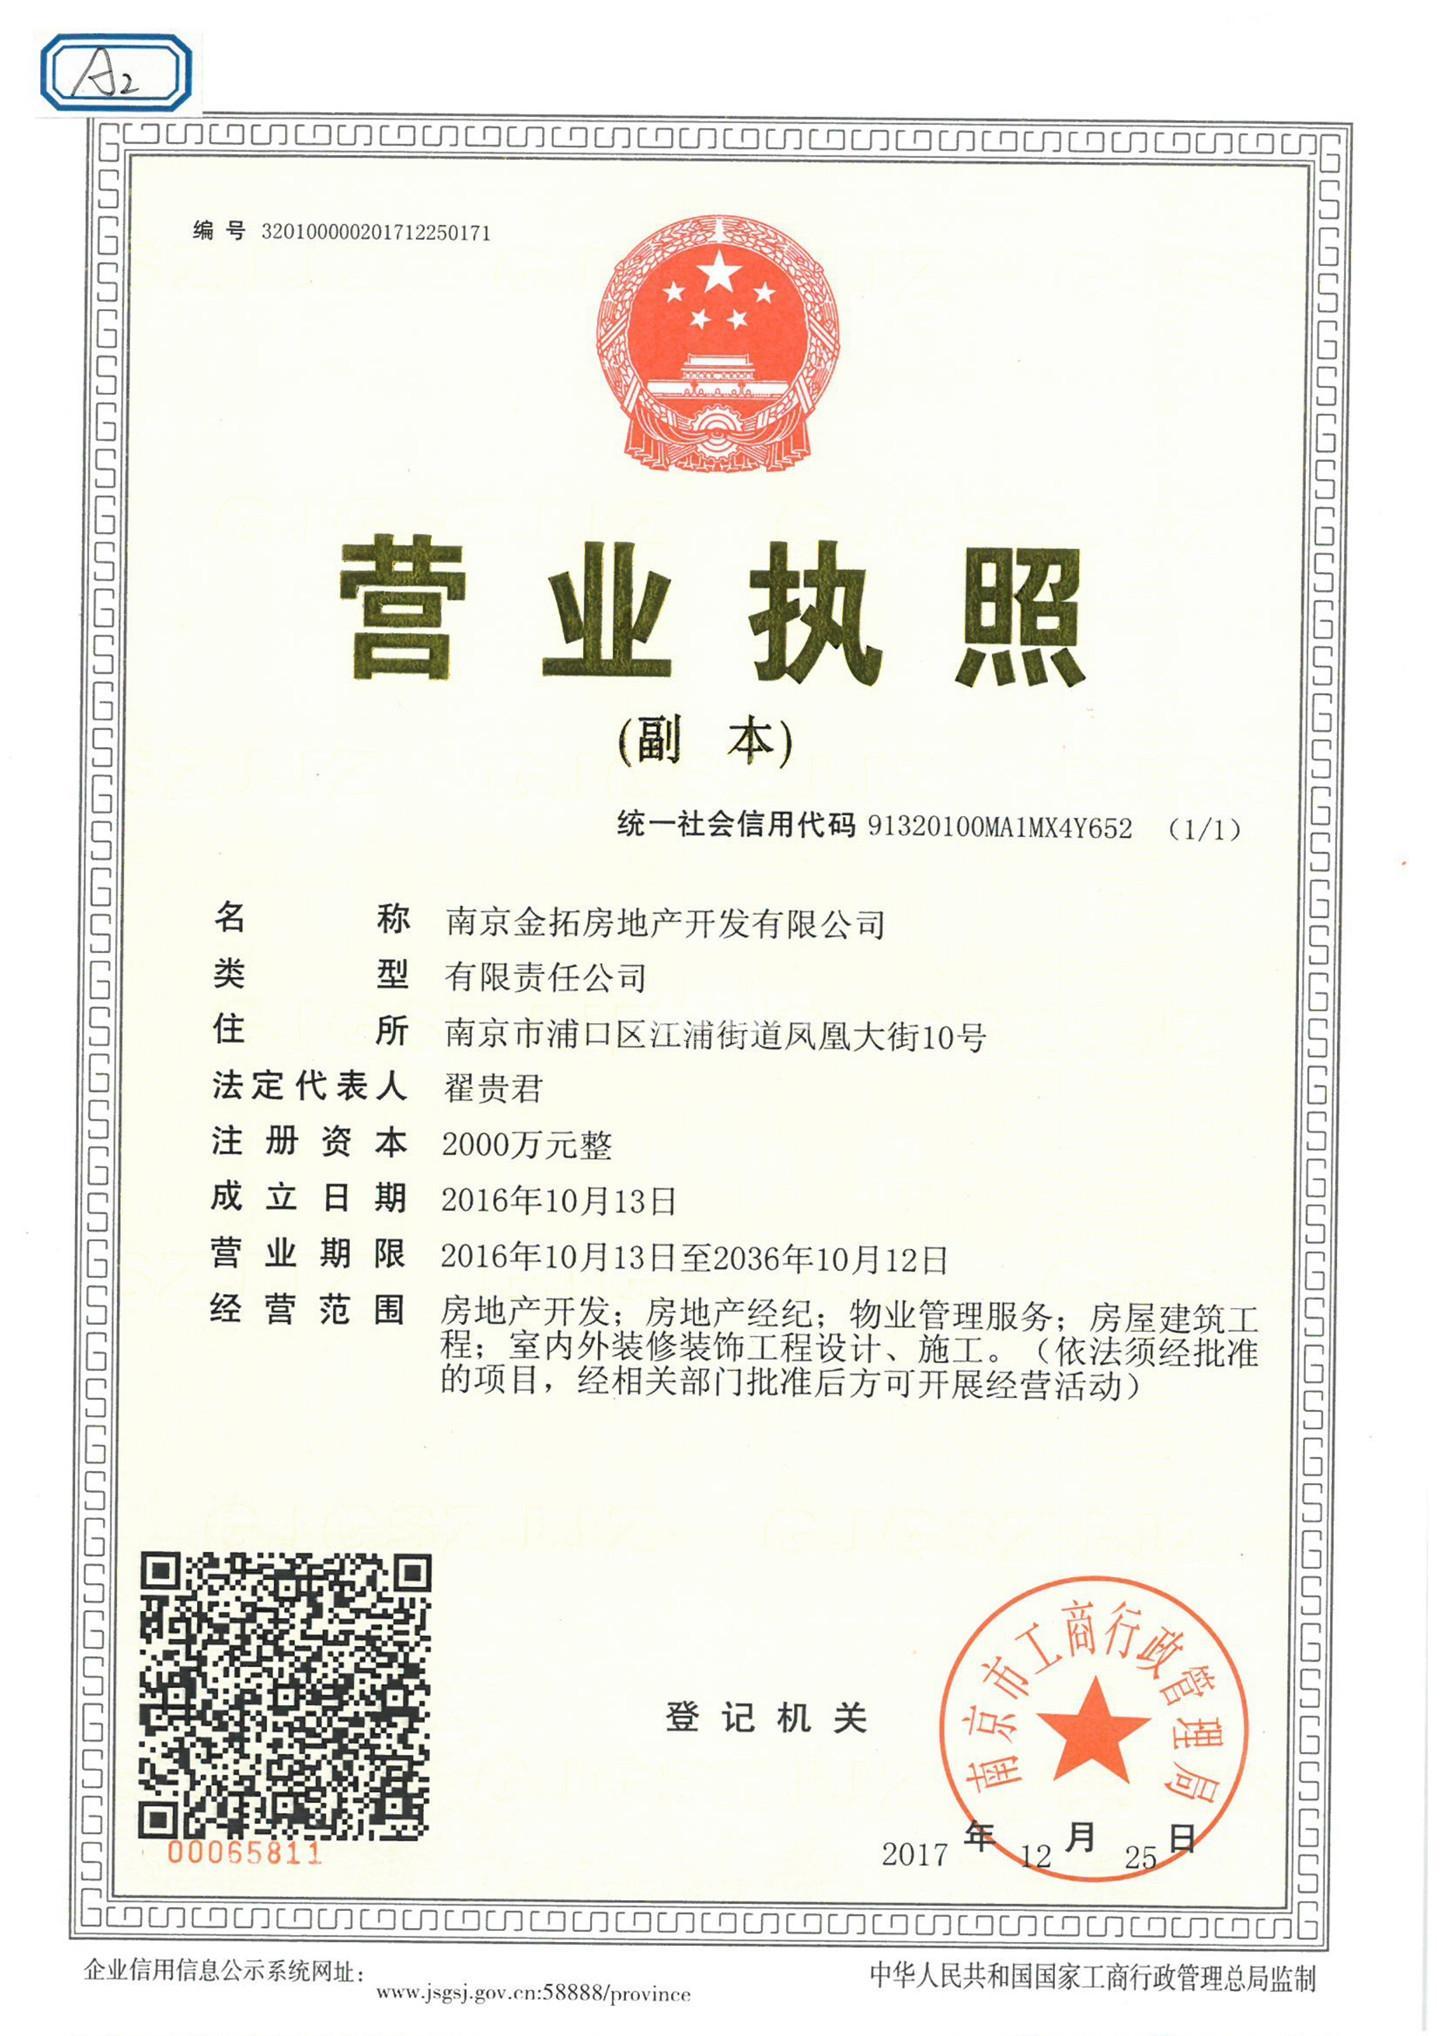 悦风华销售证照